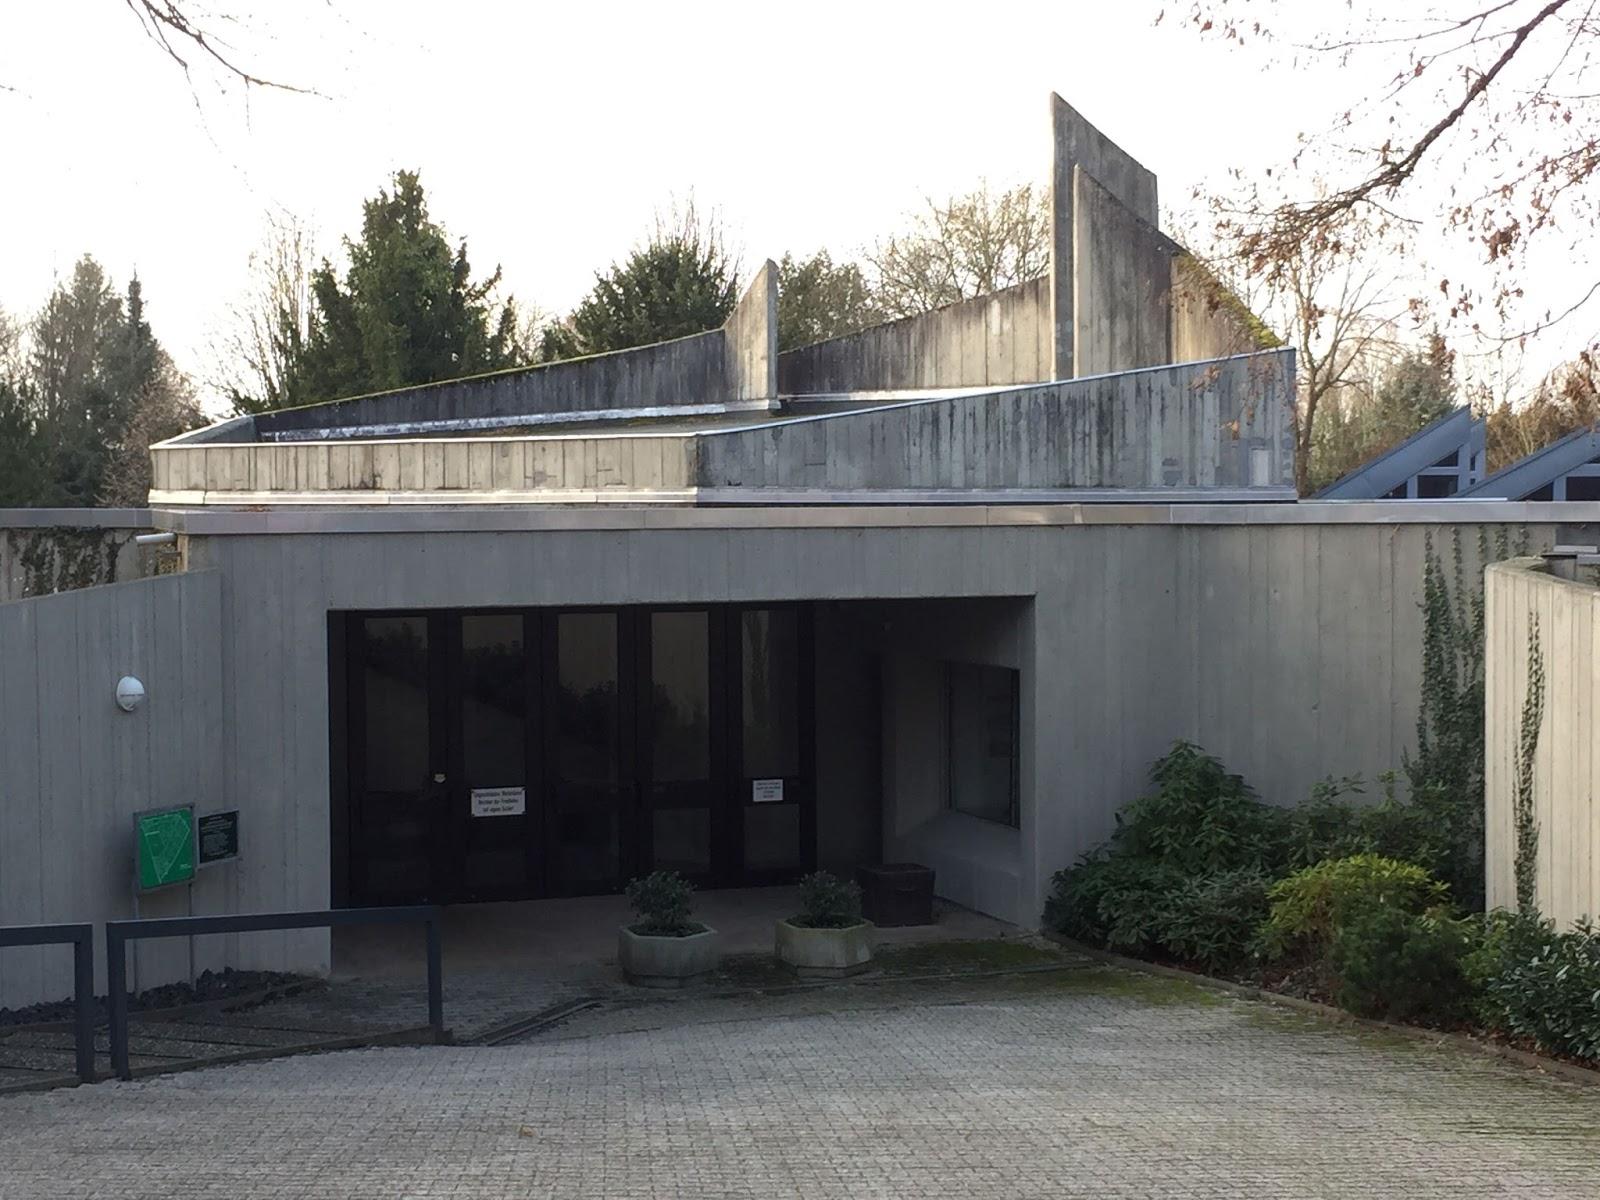 Limblog der beton brutalismus for Architektur brutalismus